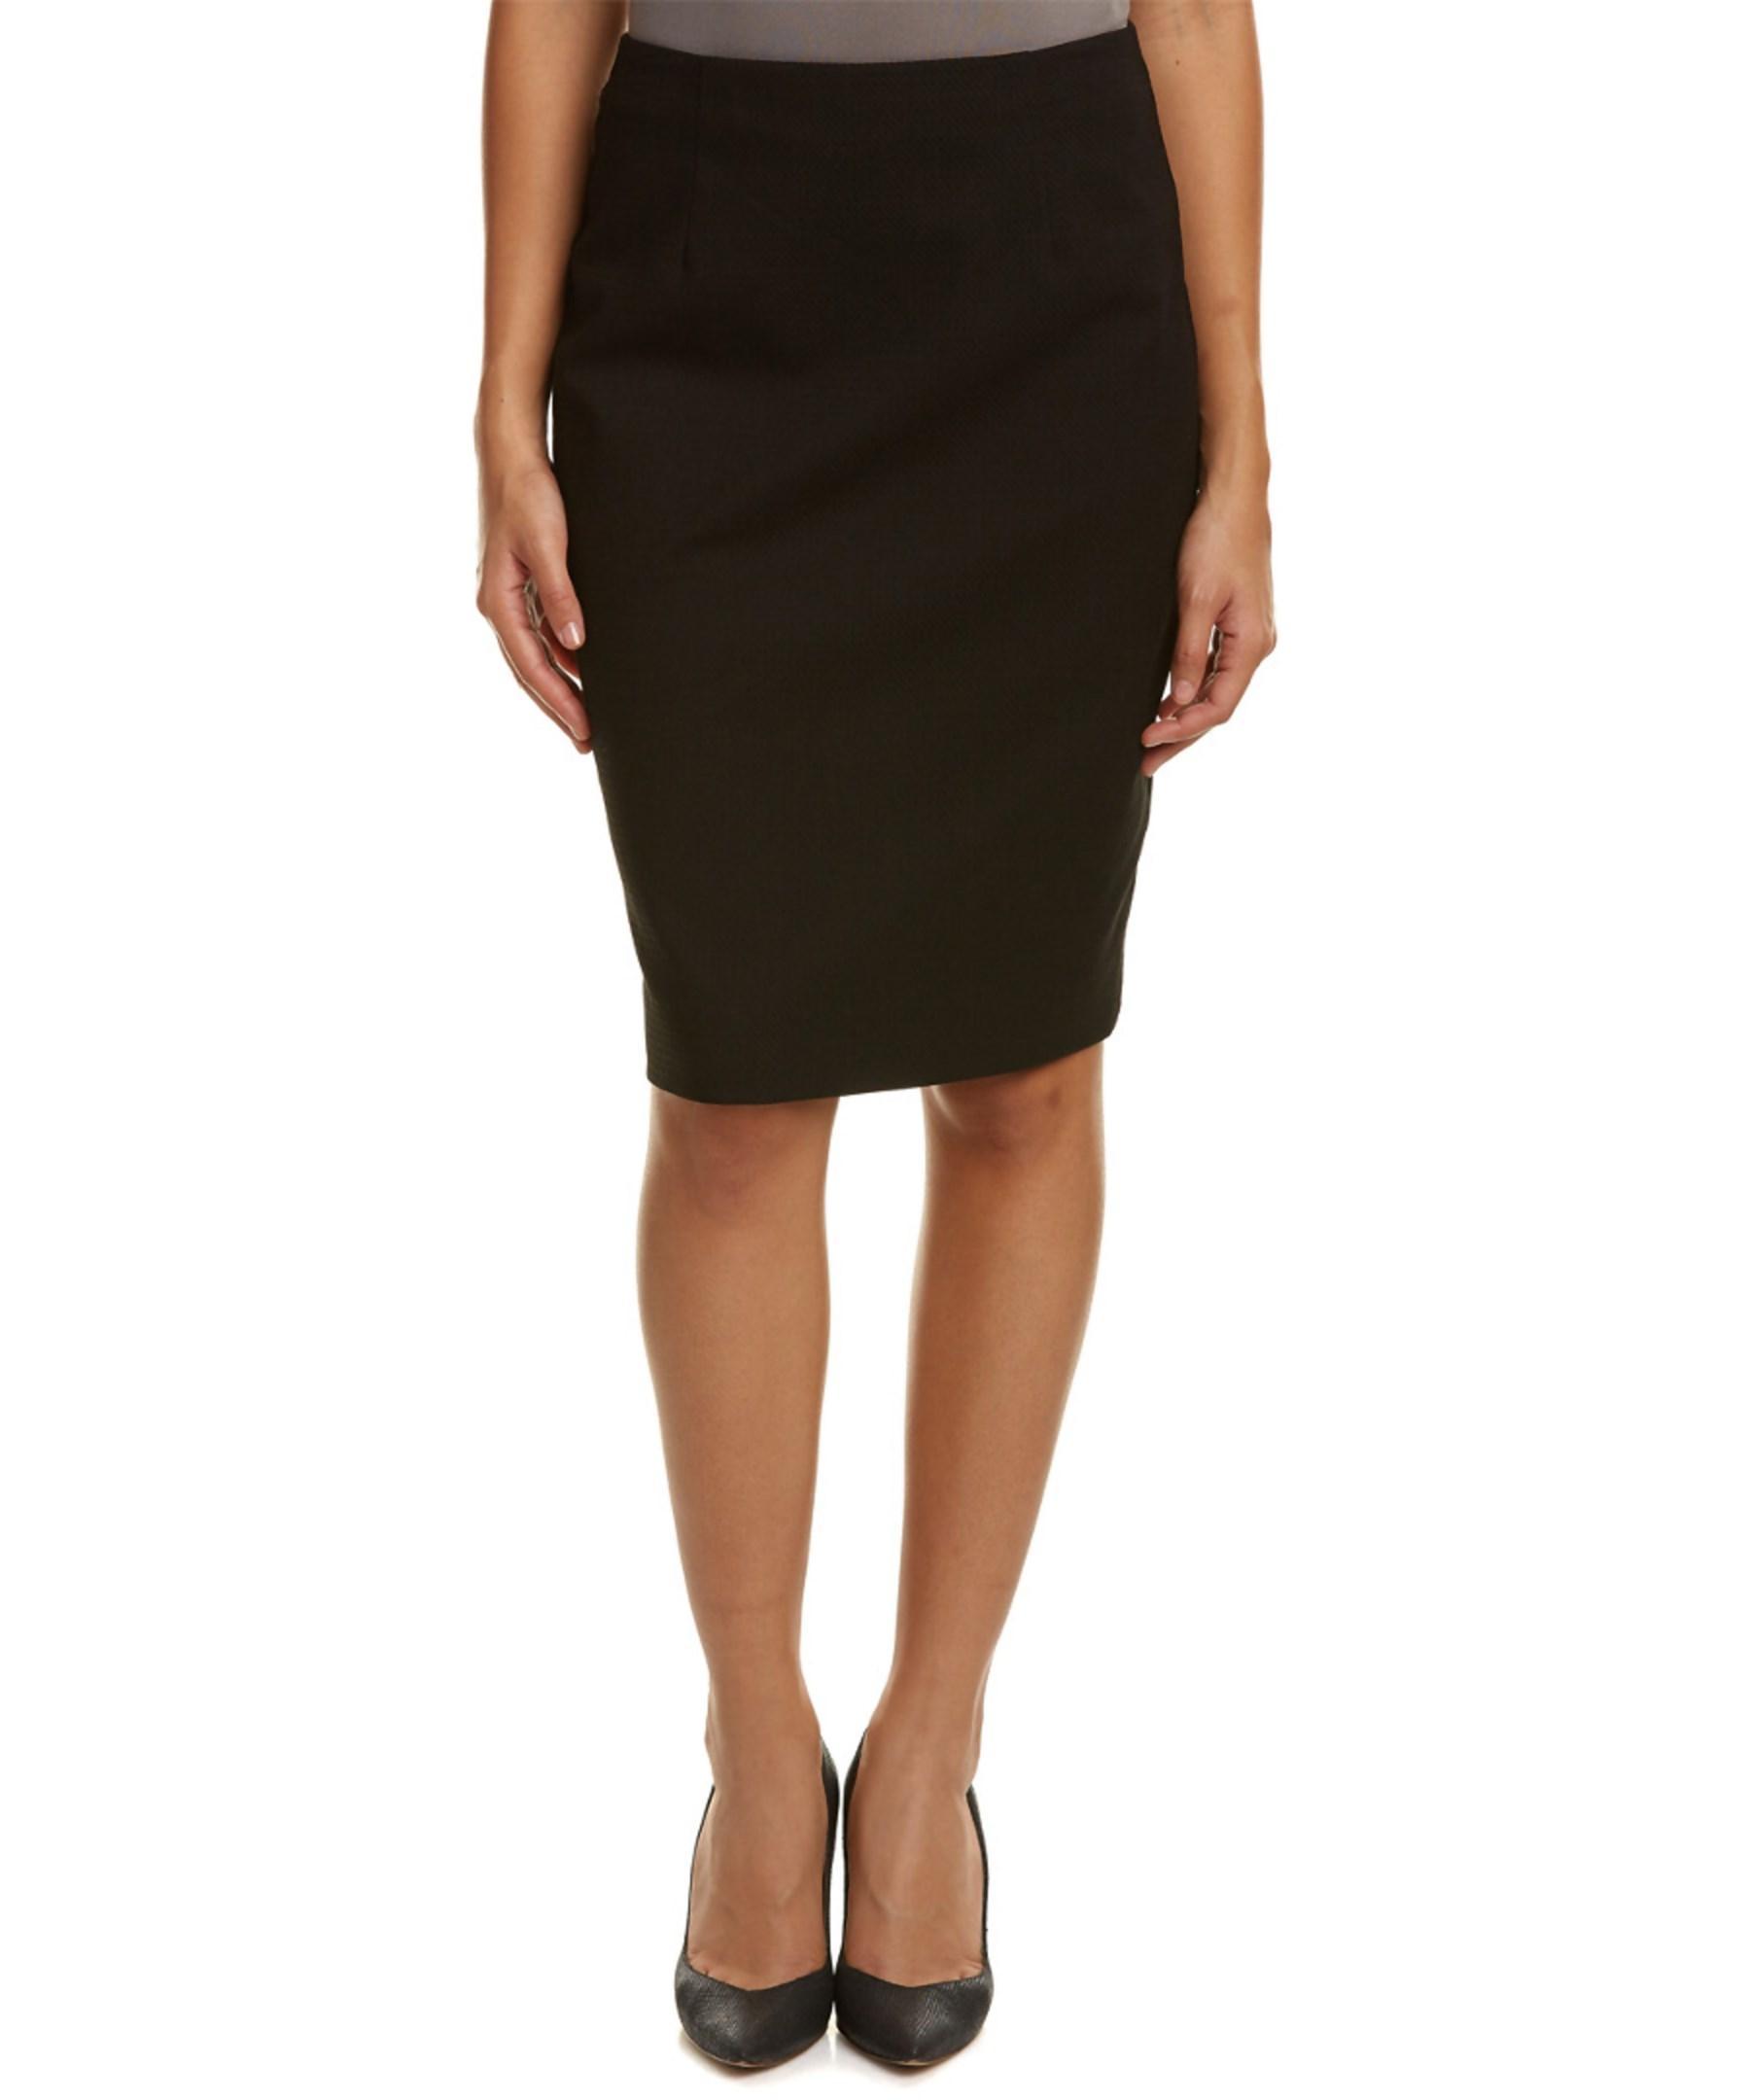 nanette lepore pretty pencil skirt in black lyst